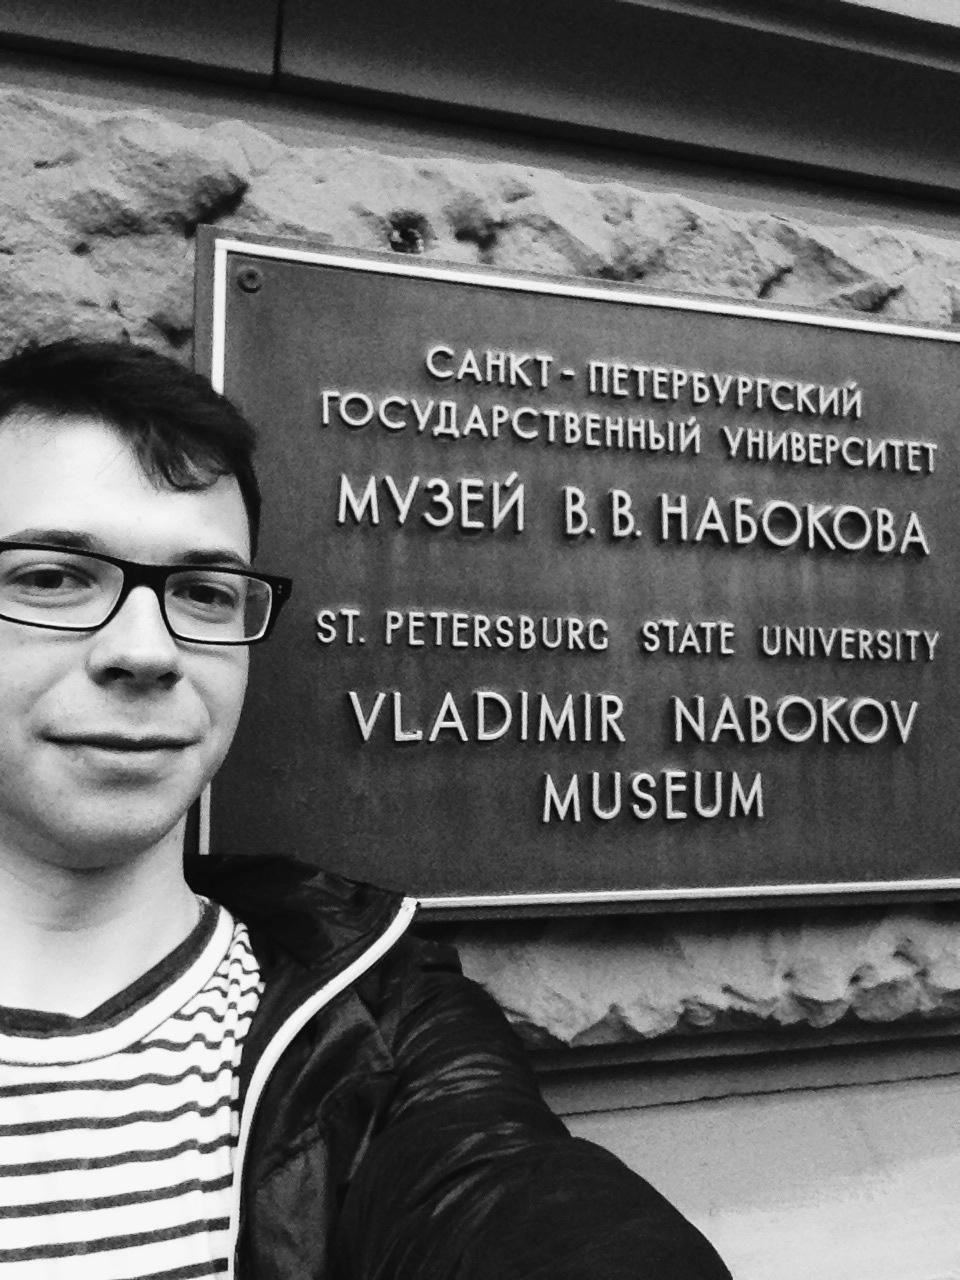 In front of 47 Bolshaya Morskaya